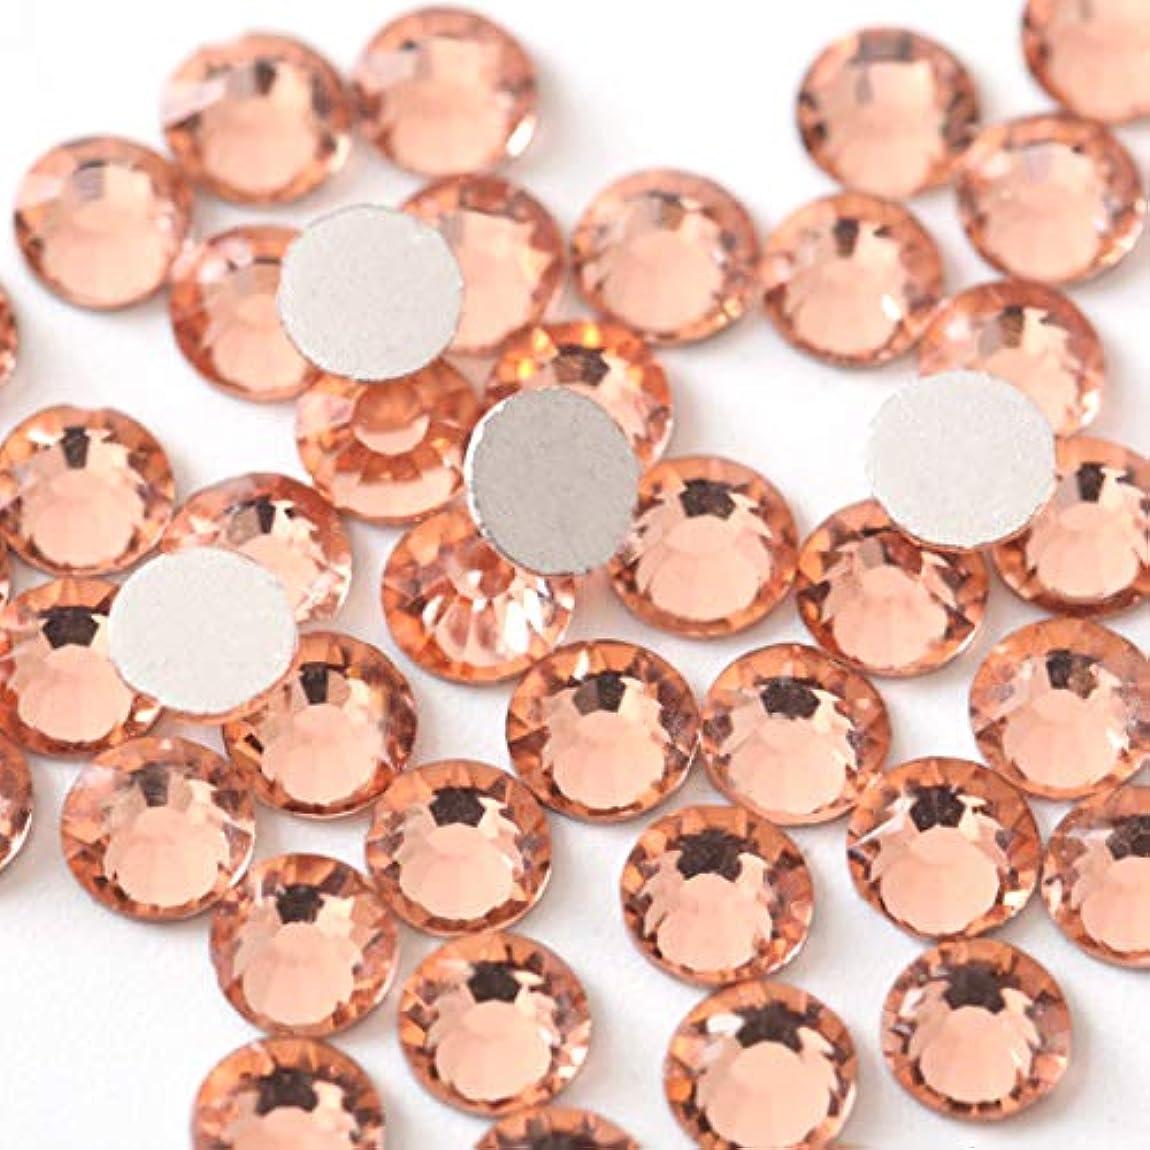 オーチャード真鍮サーキュレーション【ラインストーン77】高品質ガラス製ラインストーン ピーチ(2.2mm (SS8) 約200粒)